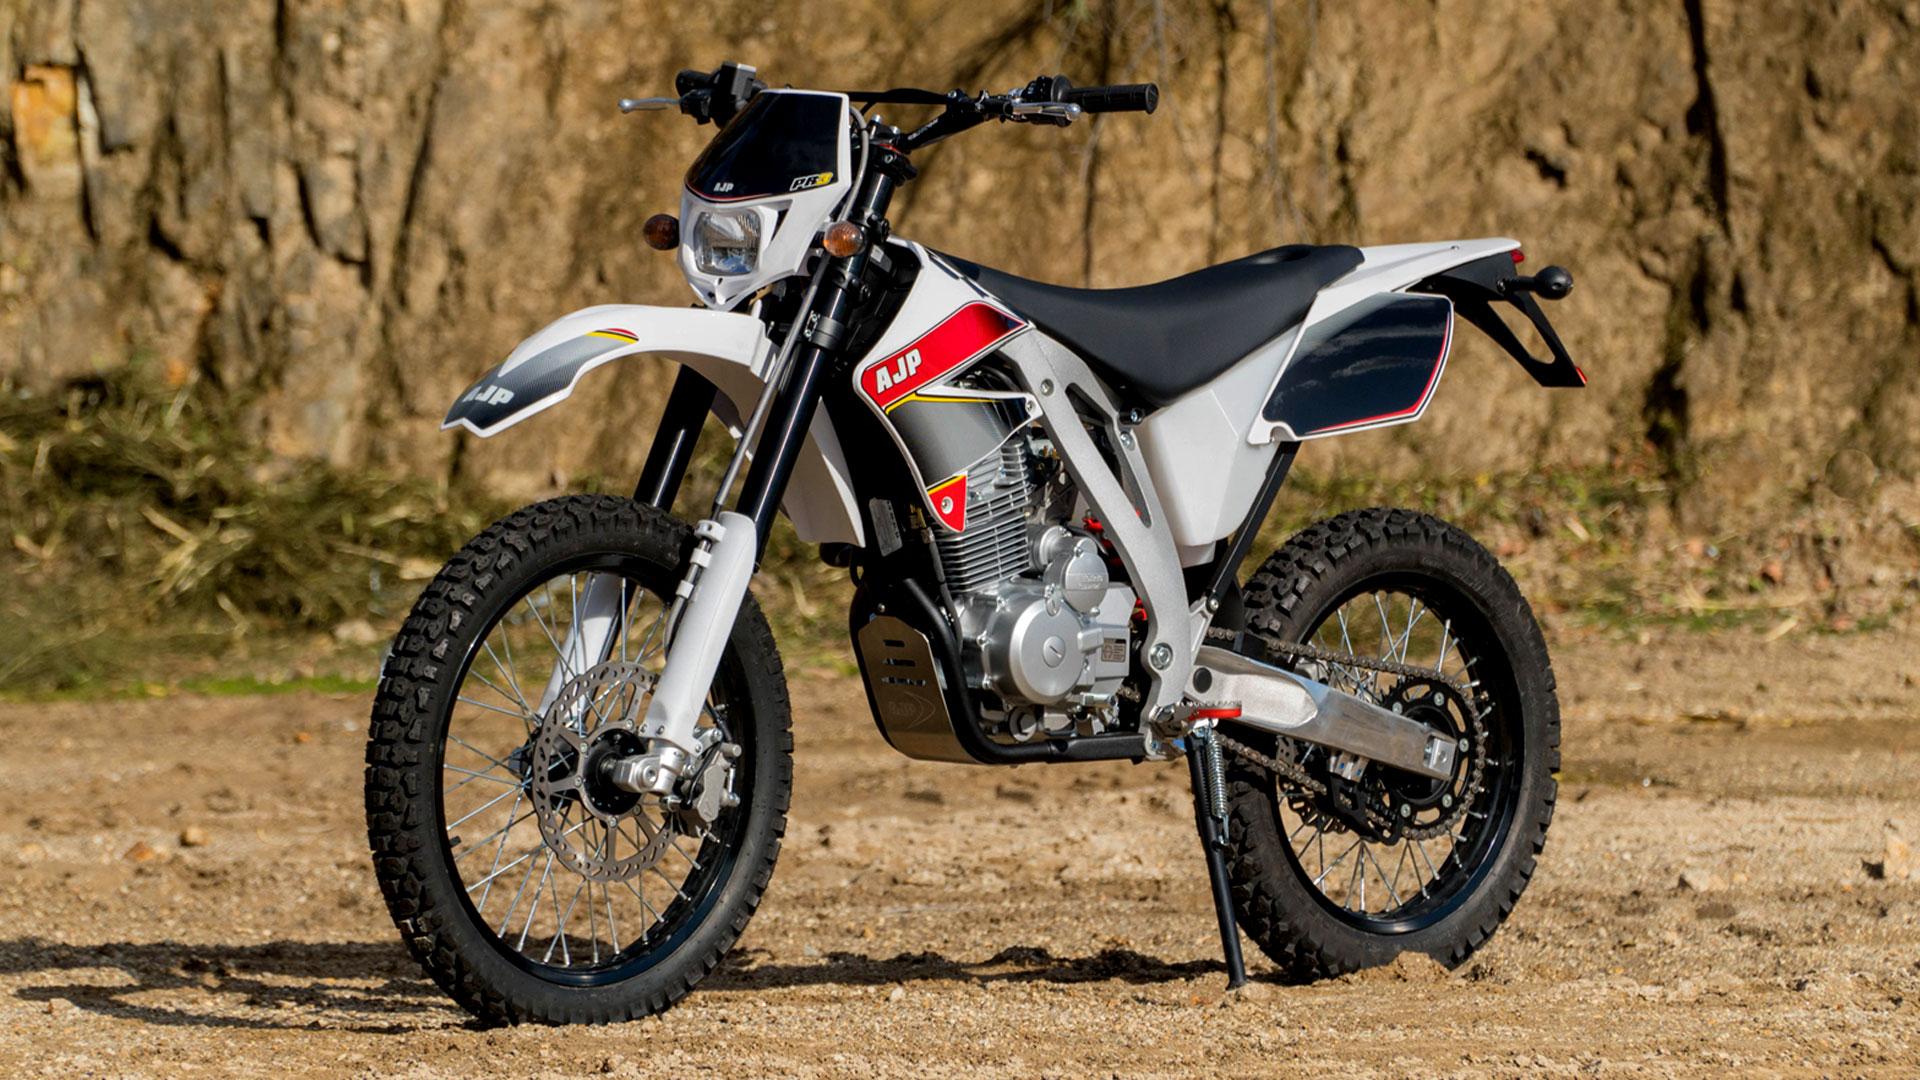 Moto AJP Pr5 - 2014 - R$ 19500.0